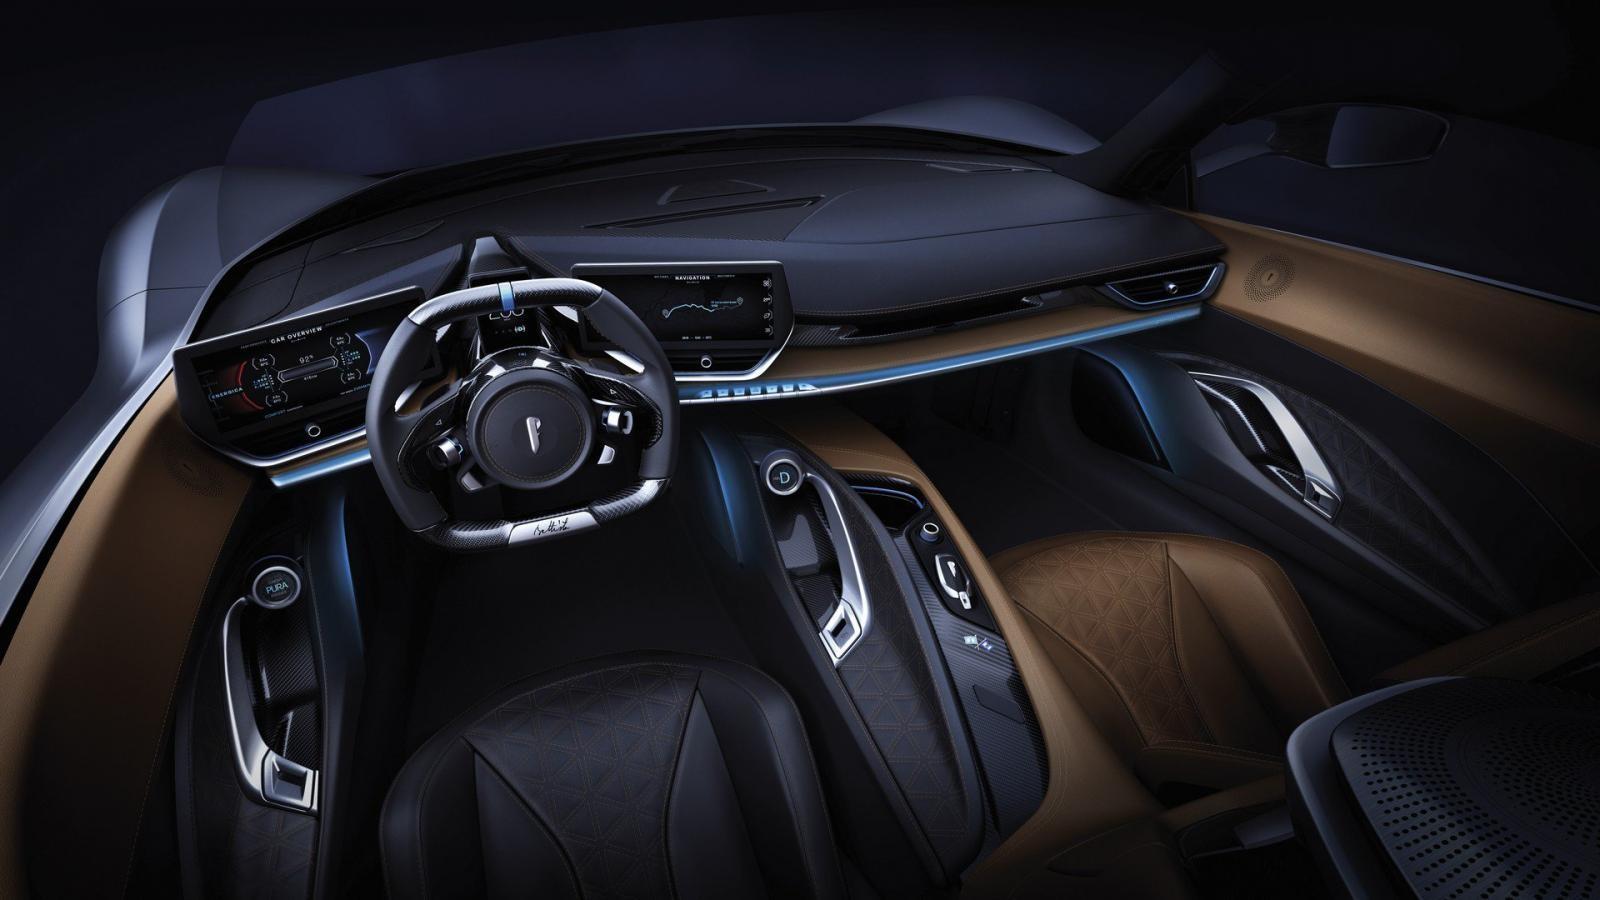 Khoang lái hiện đại mà gọn gàng củaAutomobili Pininfarina Battista